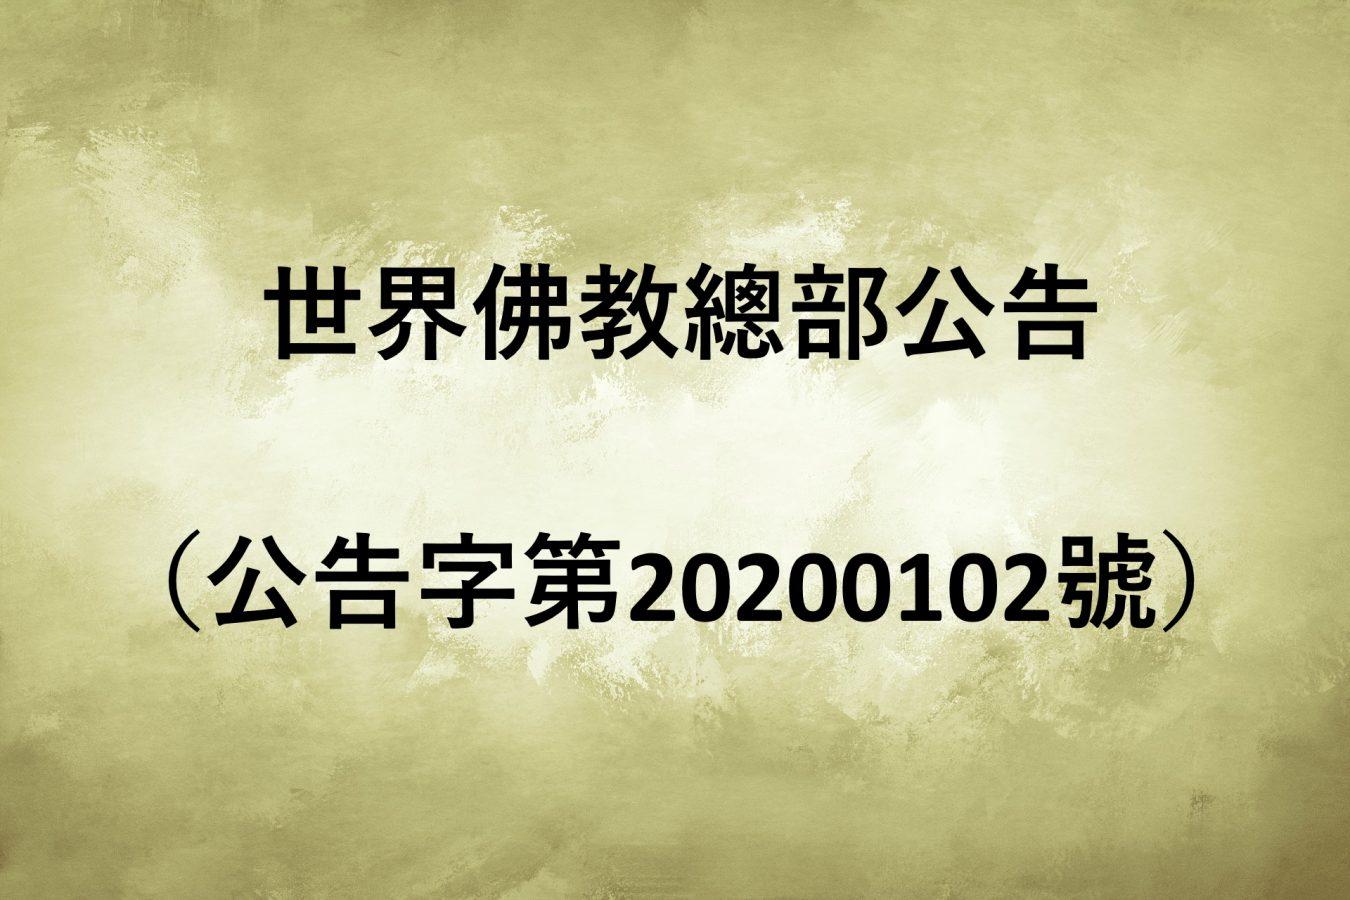 世界佛教總部公告 (公告字第20200102號)